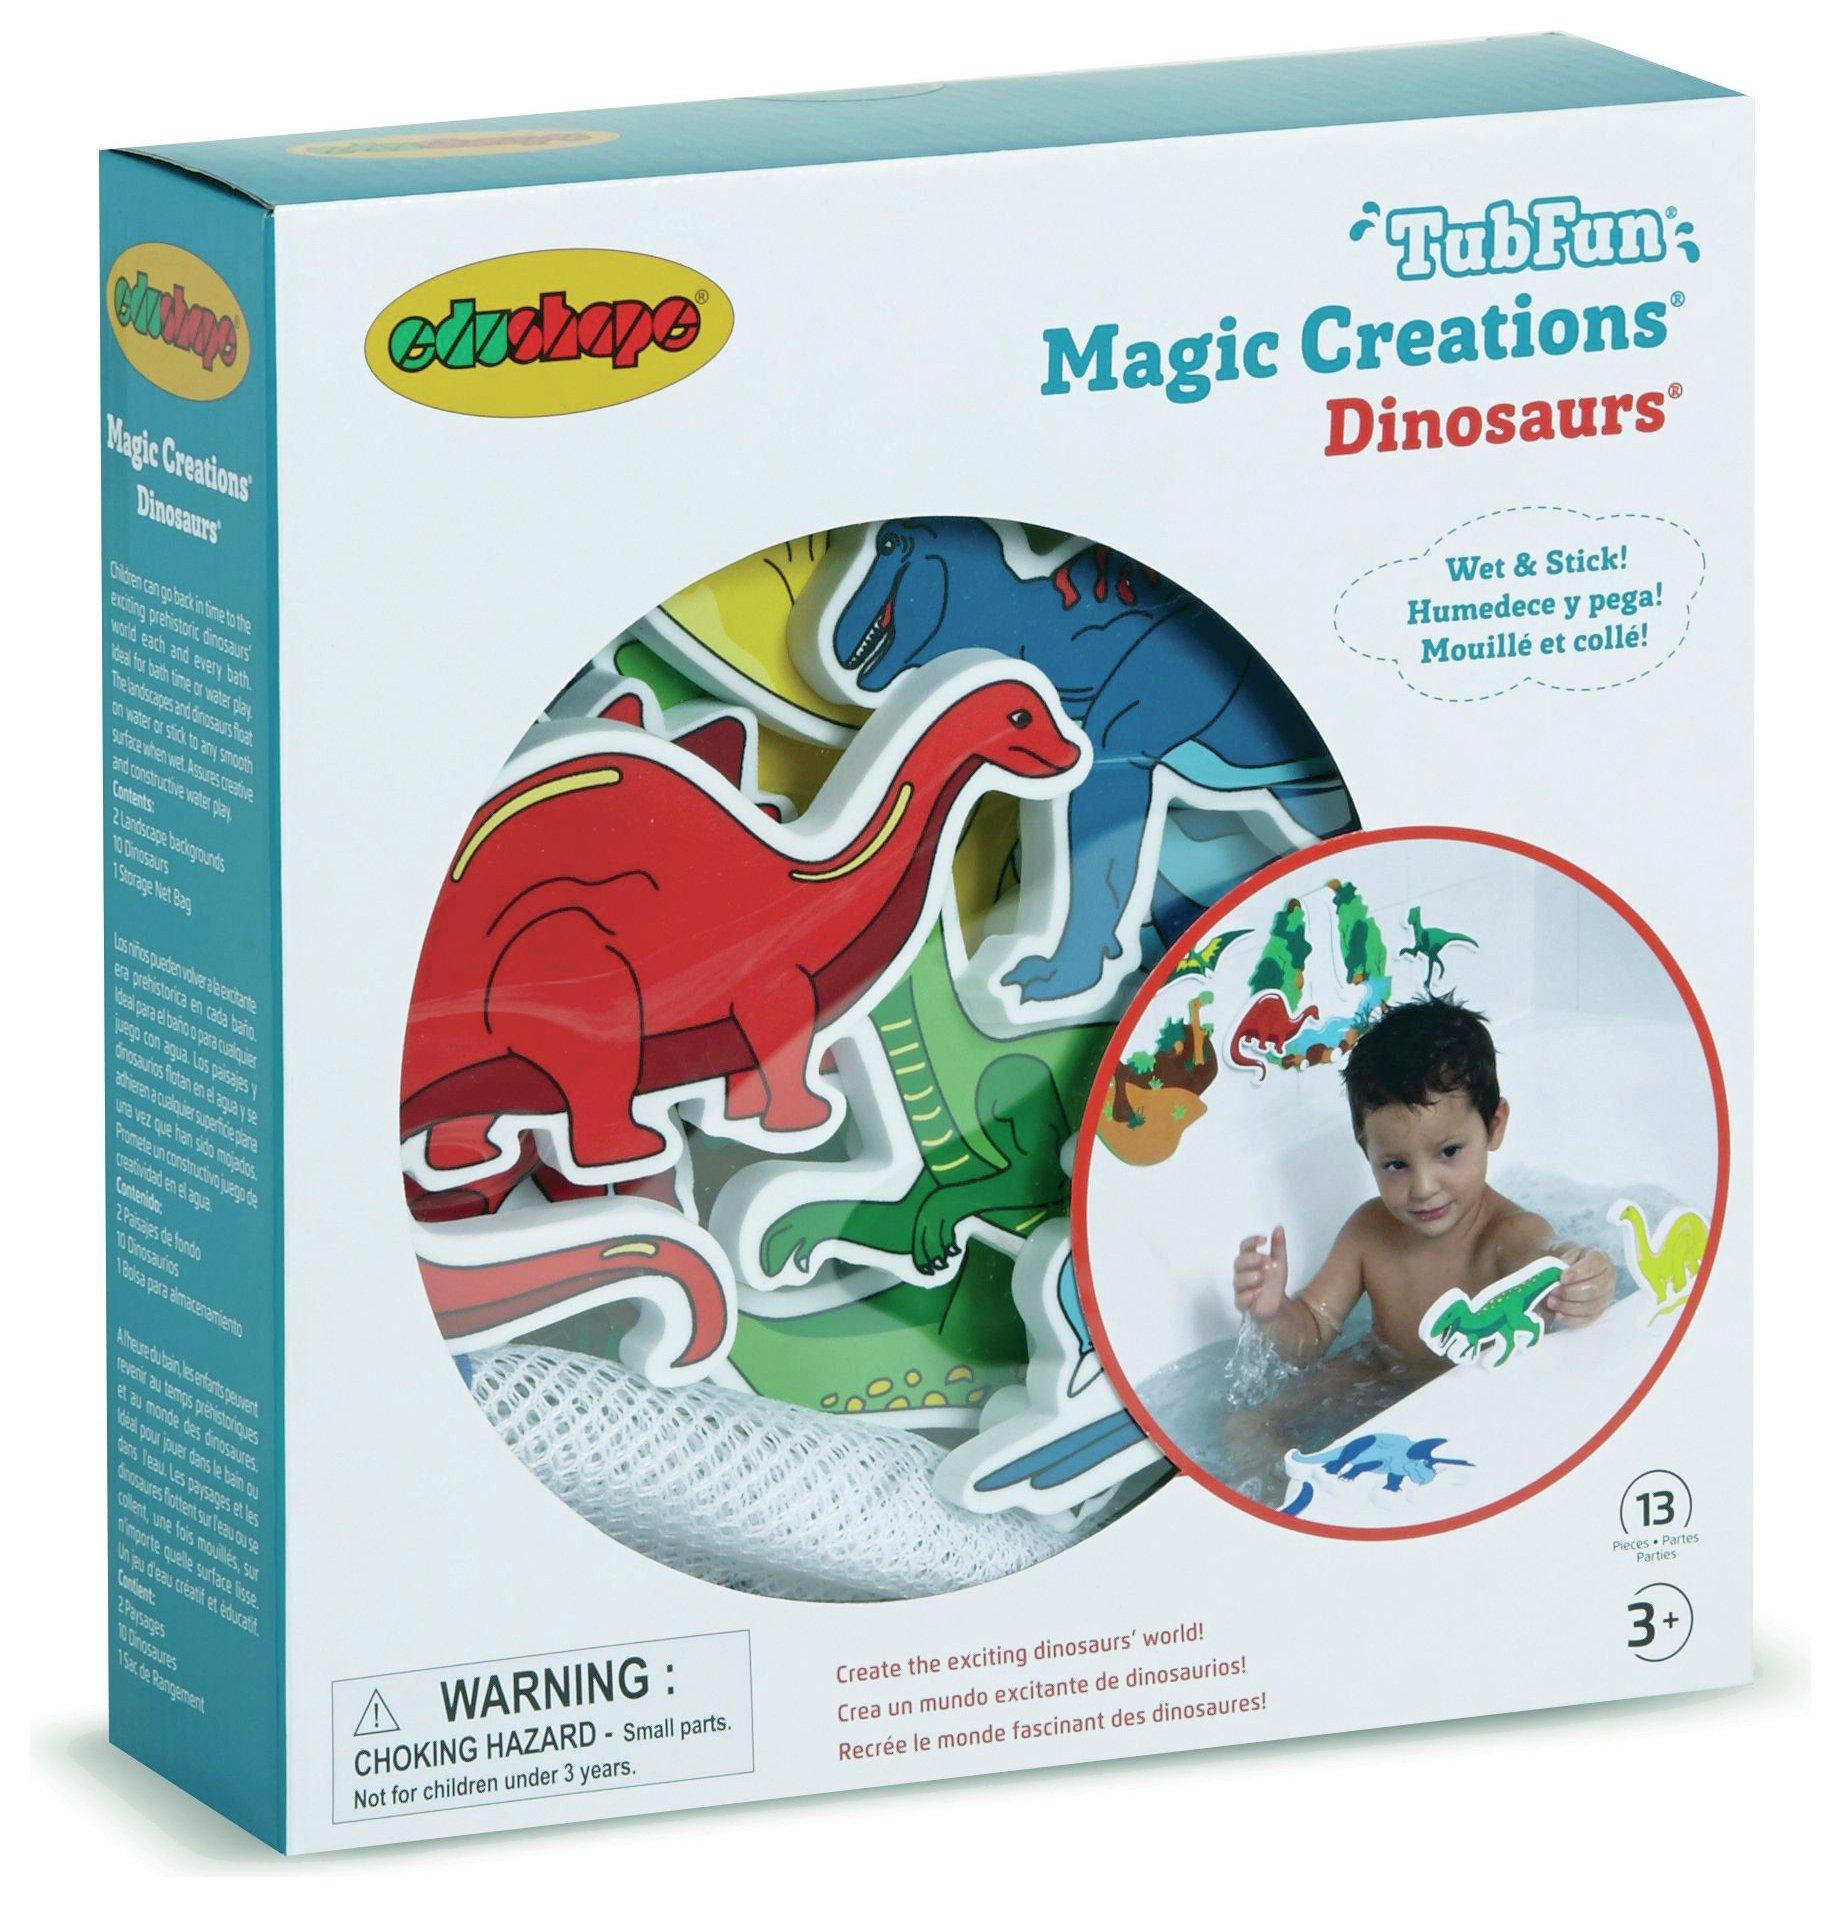 Image of Edushape - Magic Creations Dinosaurs